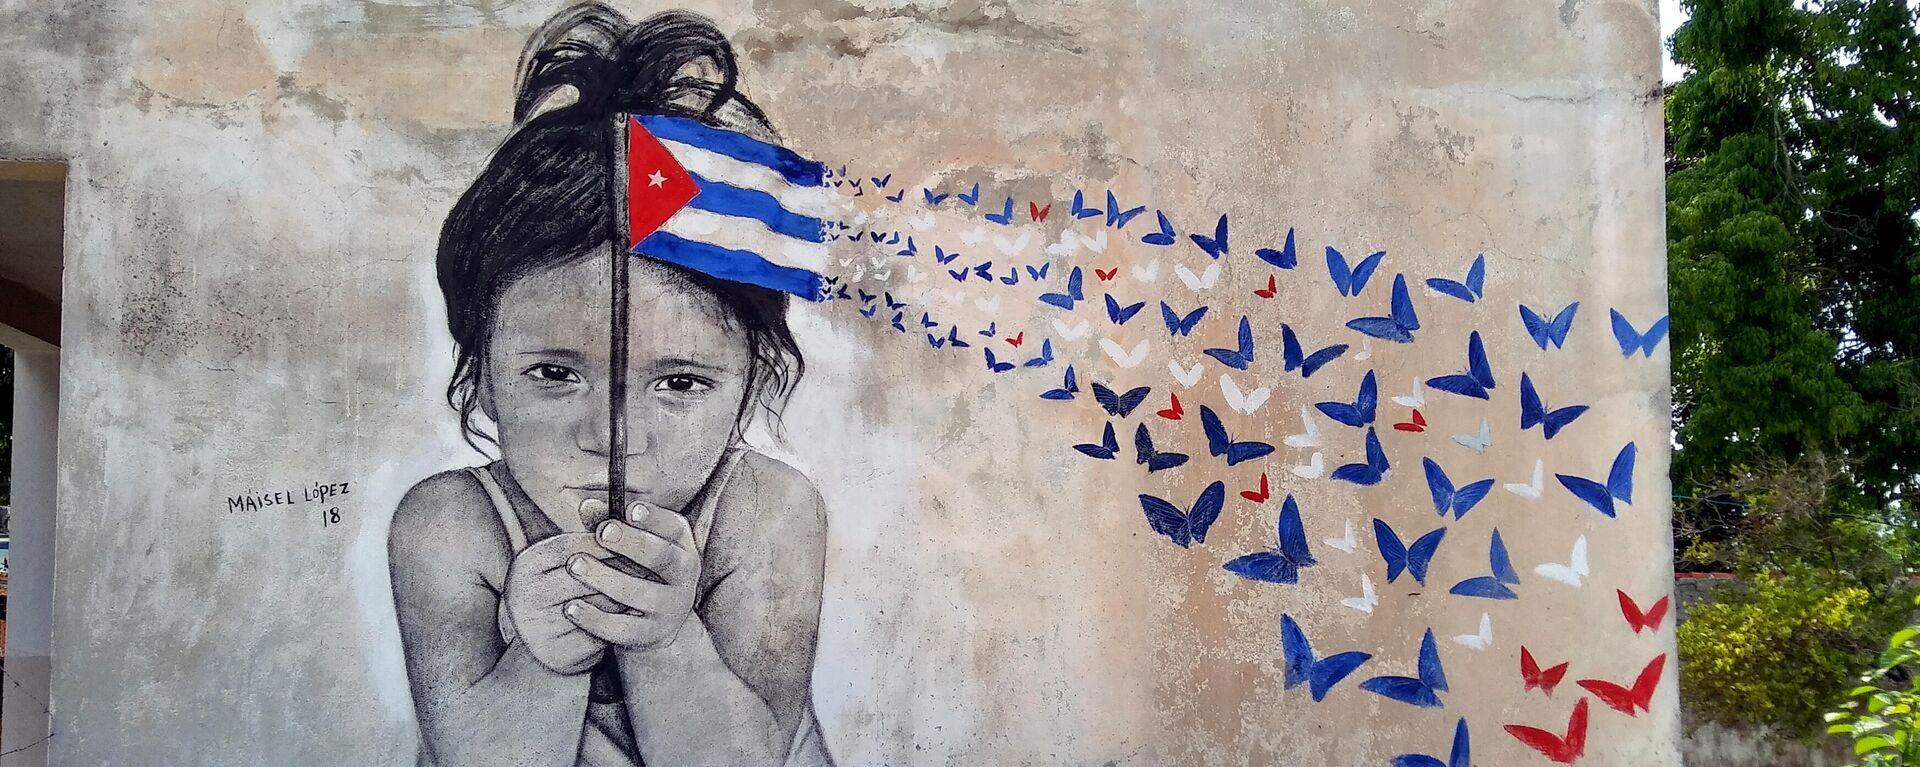 Rostros de niños en murales de la serie 'Colosos', del artista Maisel López, ubicados en La Habana, Cuba - Sputnik Mundo, 1920, 10.08.2021